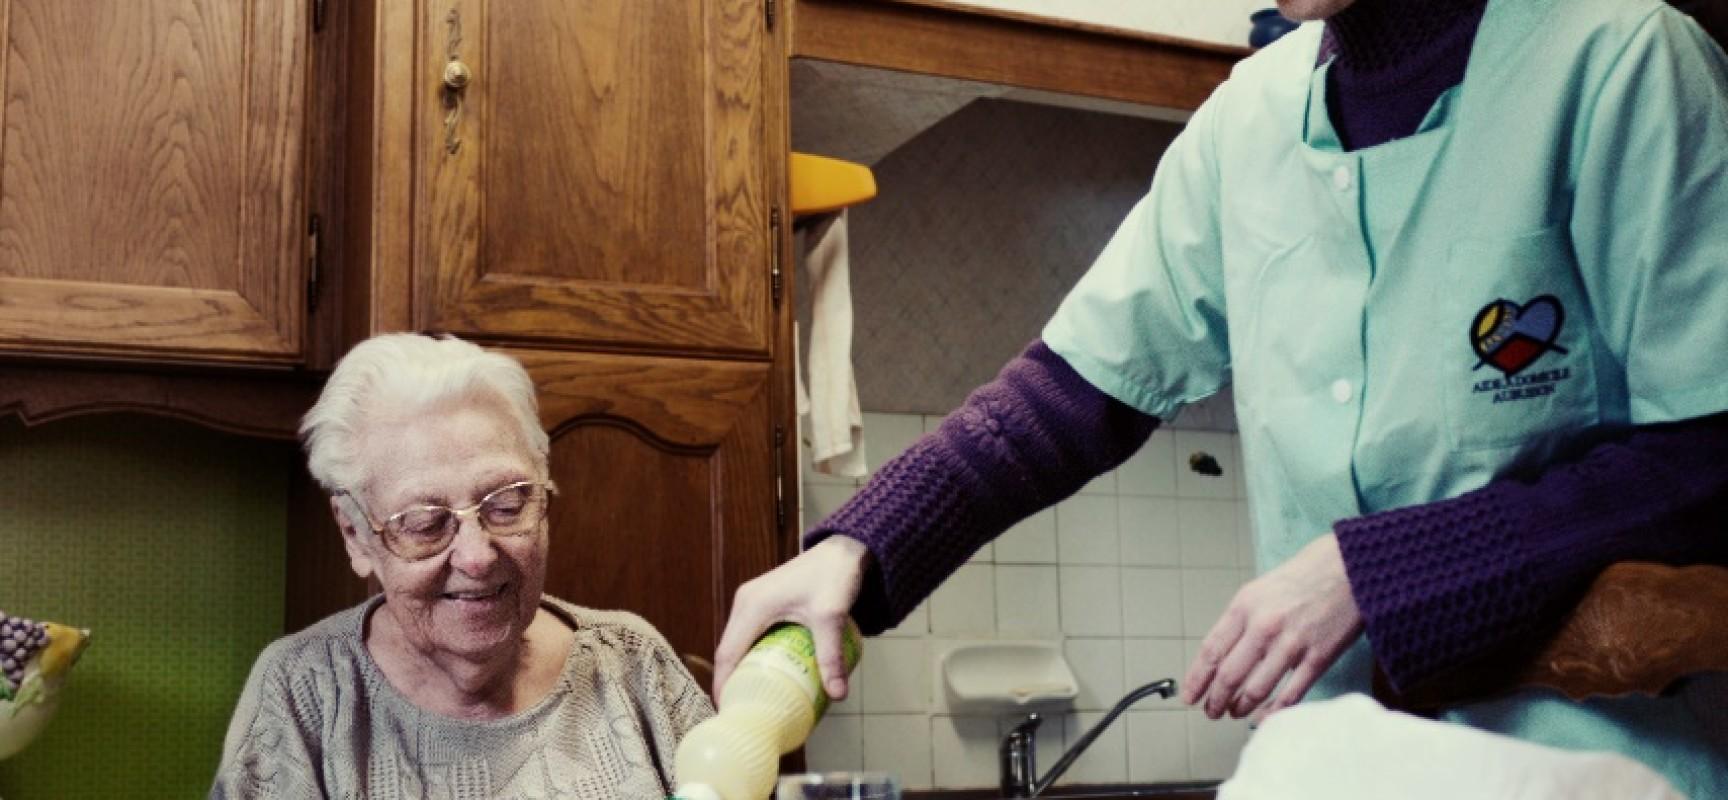 L'Agardom, un service d'accompagnement favorisant le maintien à domicile, mais pas seulement!